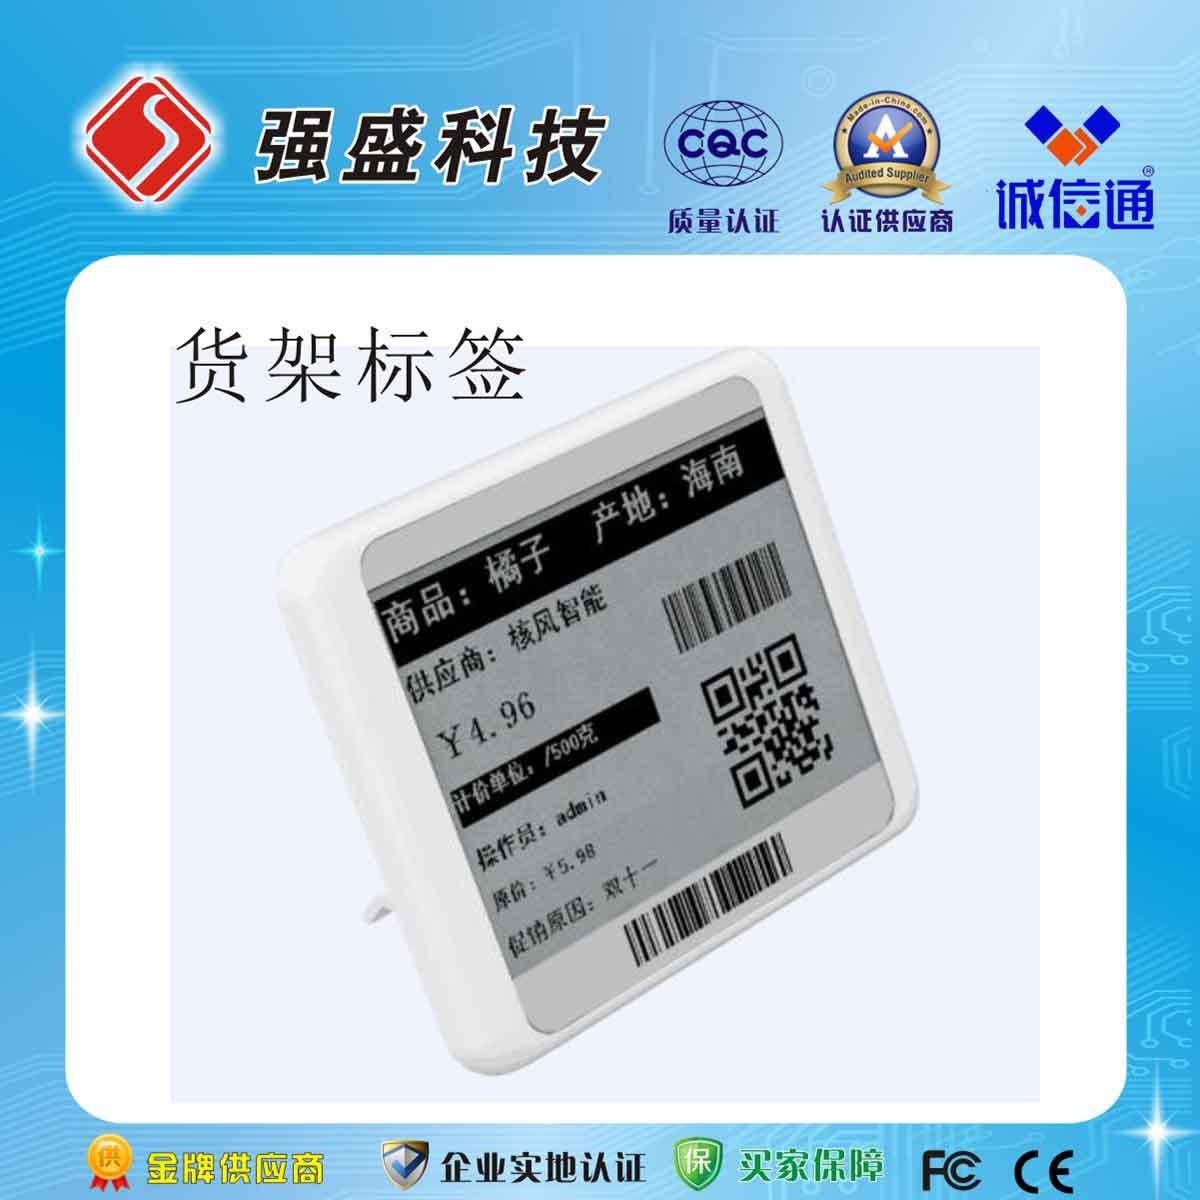 廣州強盛ESL信息標簽6寸電子價簽